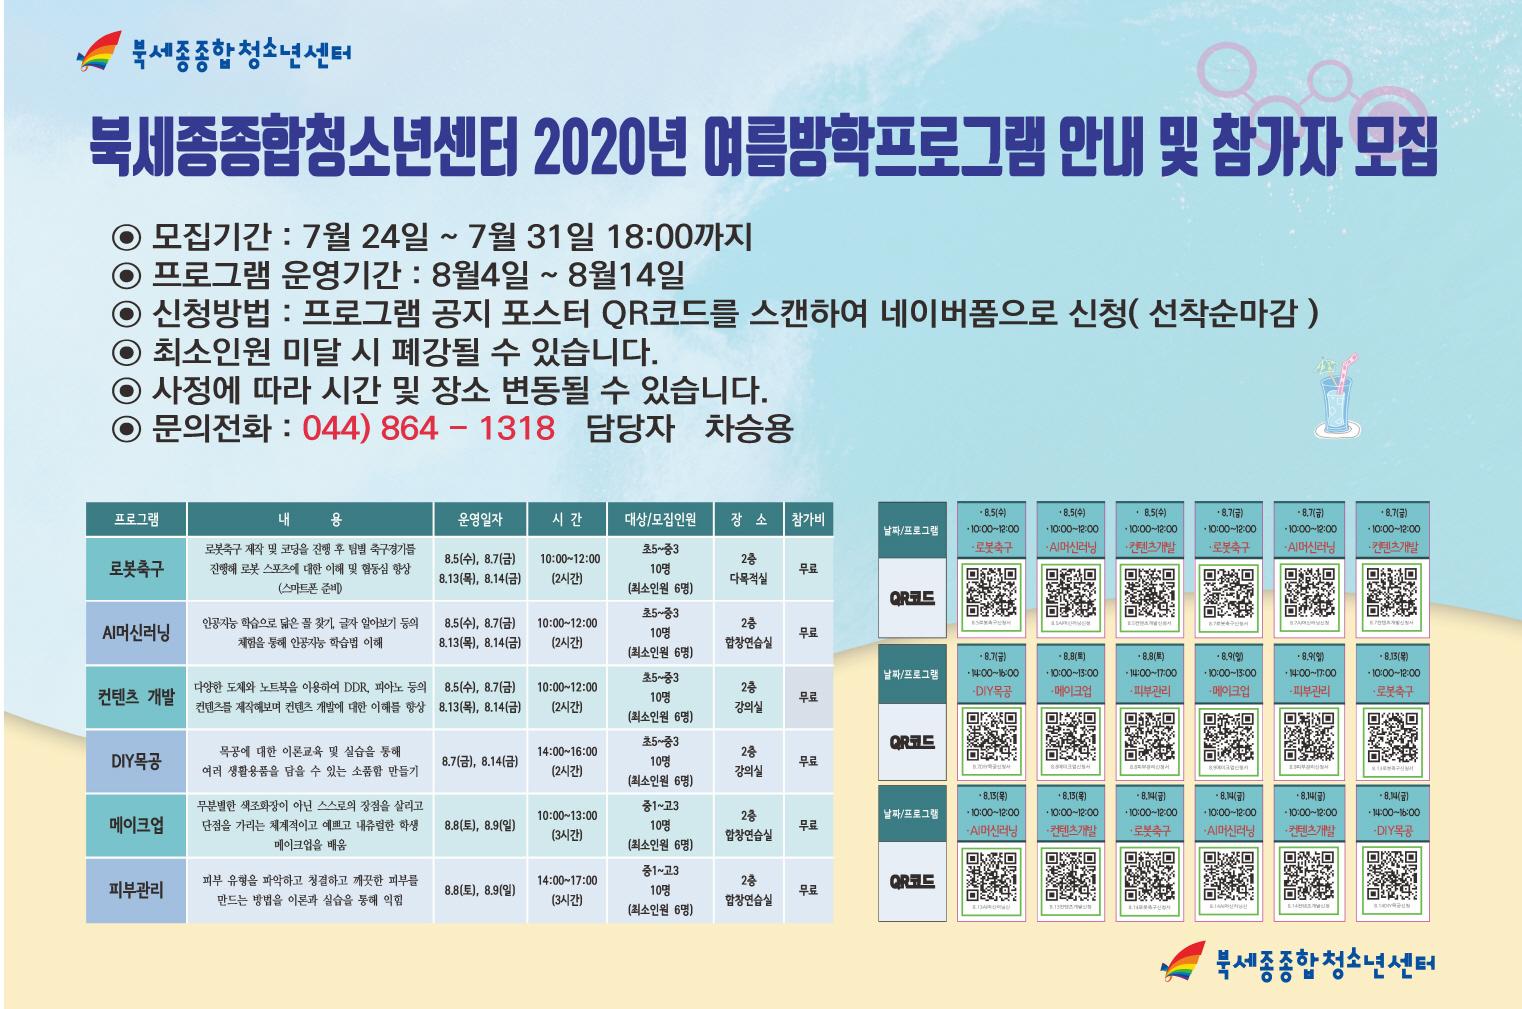 [크기변환]_ 2020 여름방학프로그램 안내 및 참가자 모집 포스터 - 복사본.jpg